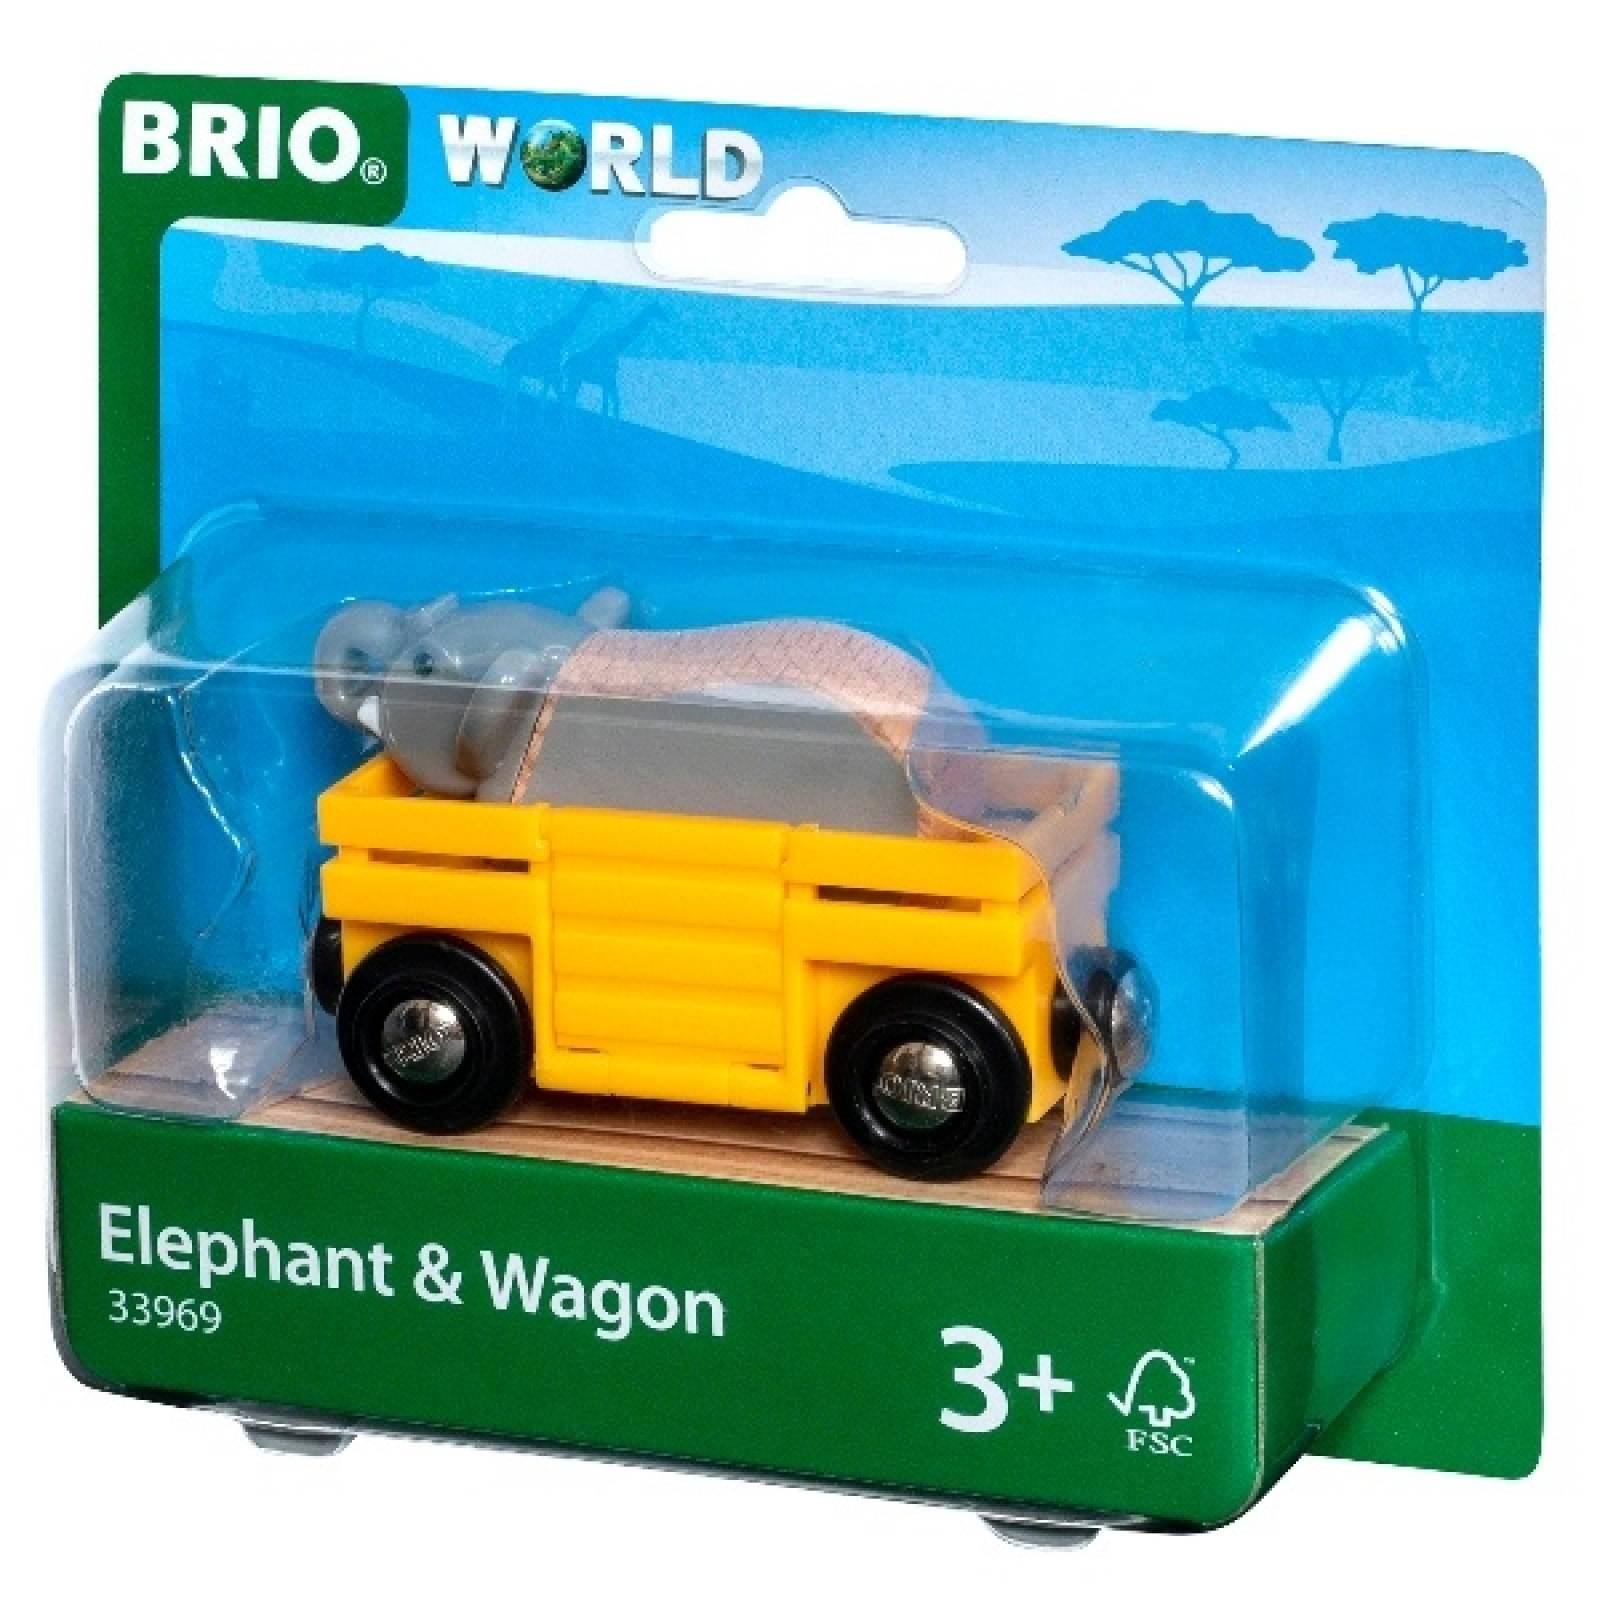 Elephant & Wagon BRIO Wooden Railway Age 3+